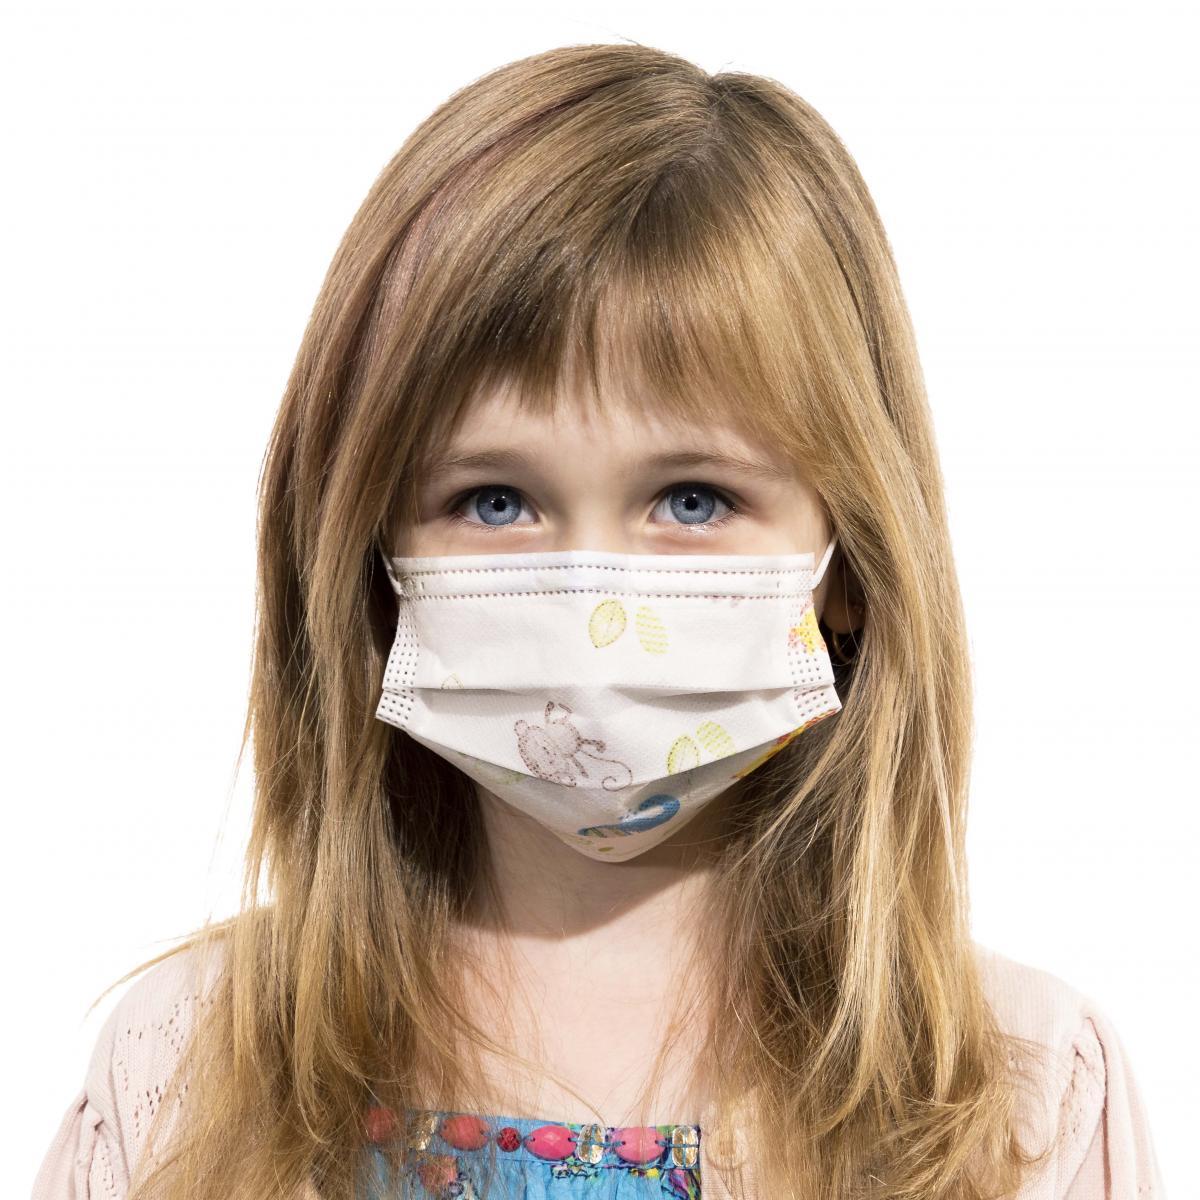 Detské ochranné rúško na ústa certifikované – 10 ks